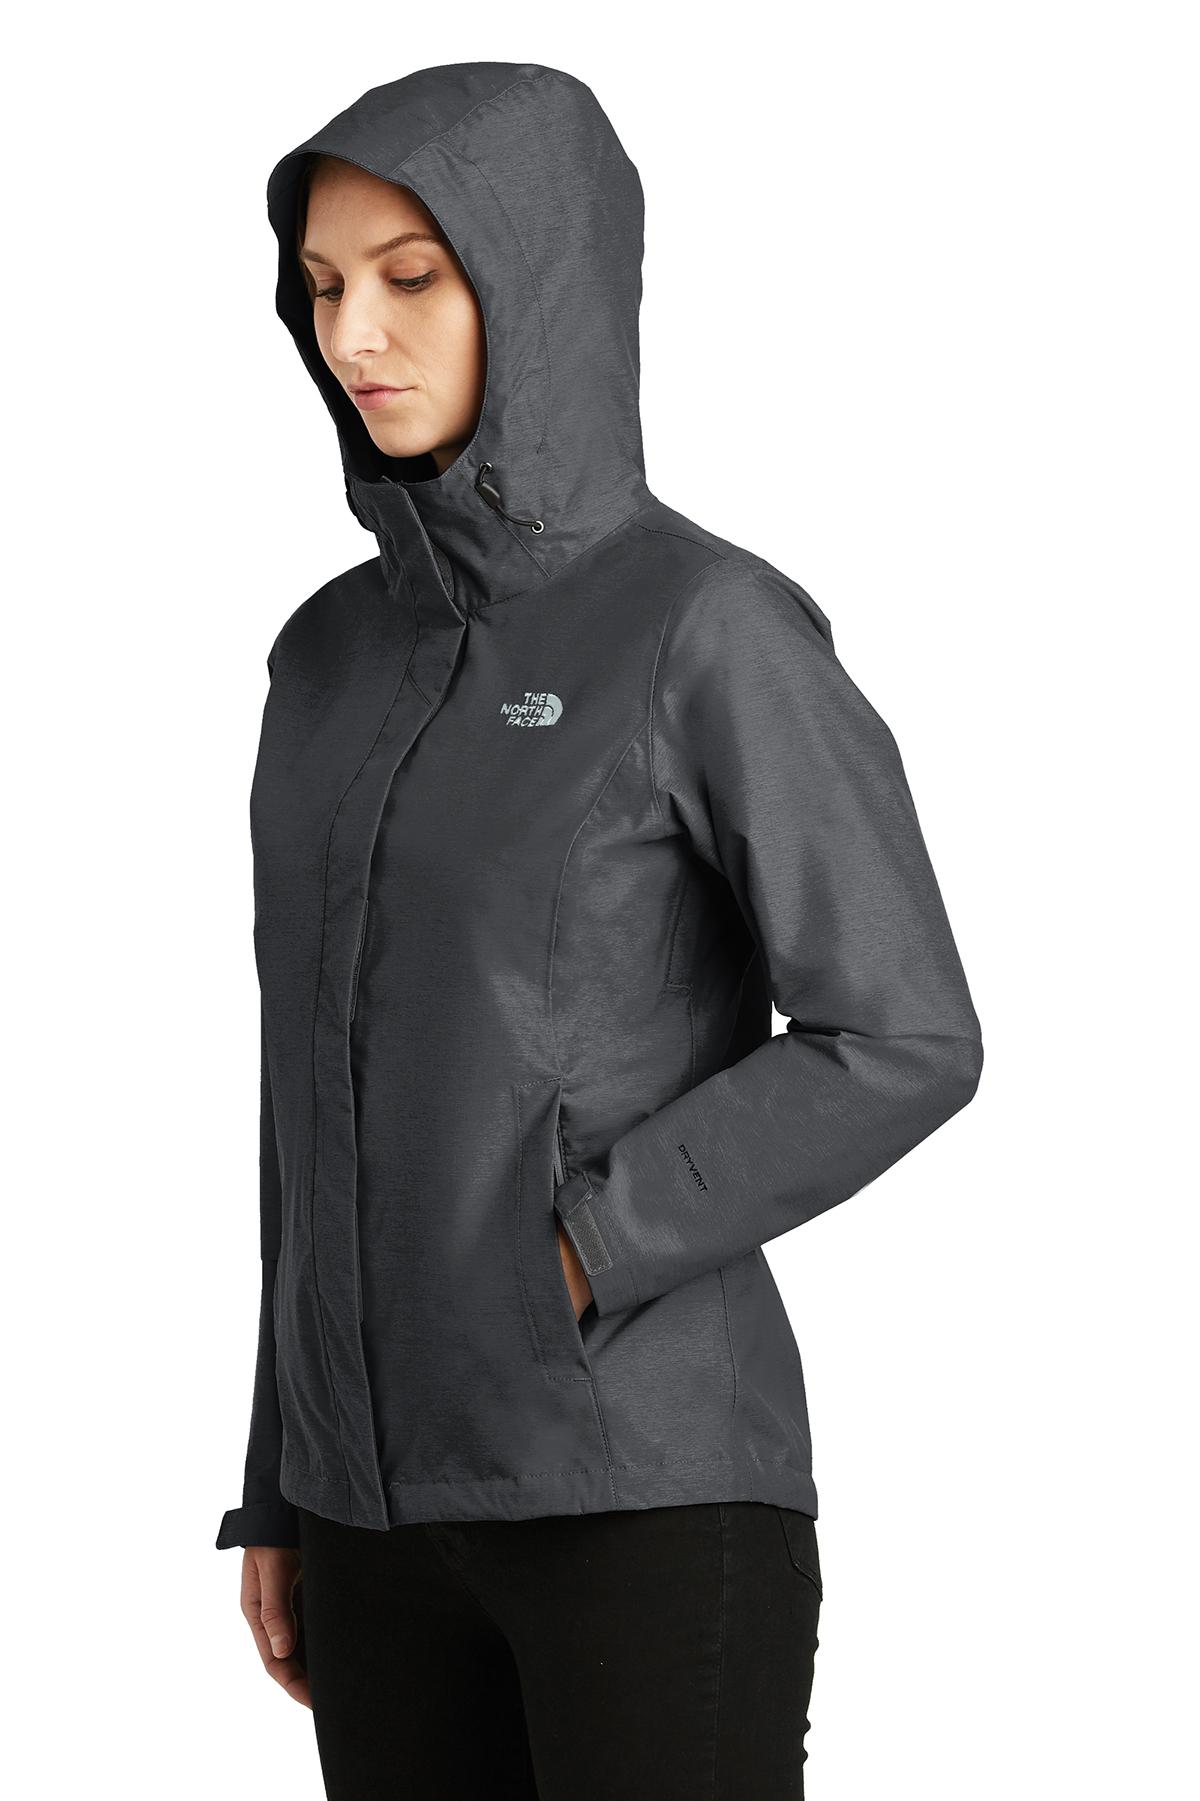 8c127da9f The North Face® Ladies DryVent™ Rain Jacket | Ladies/Women | SanMar